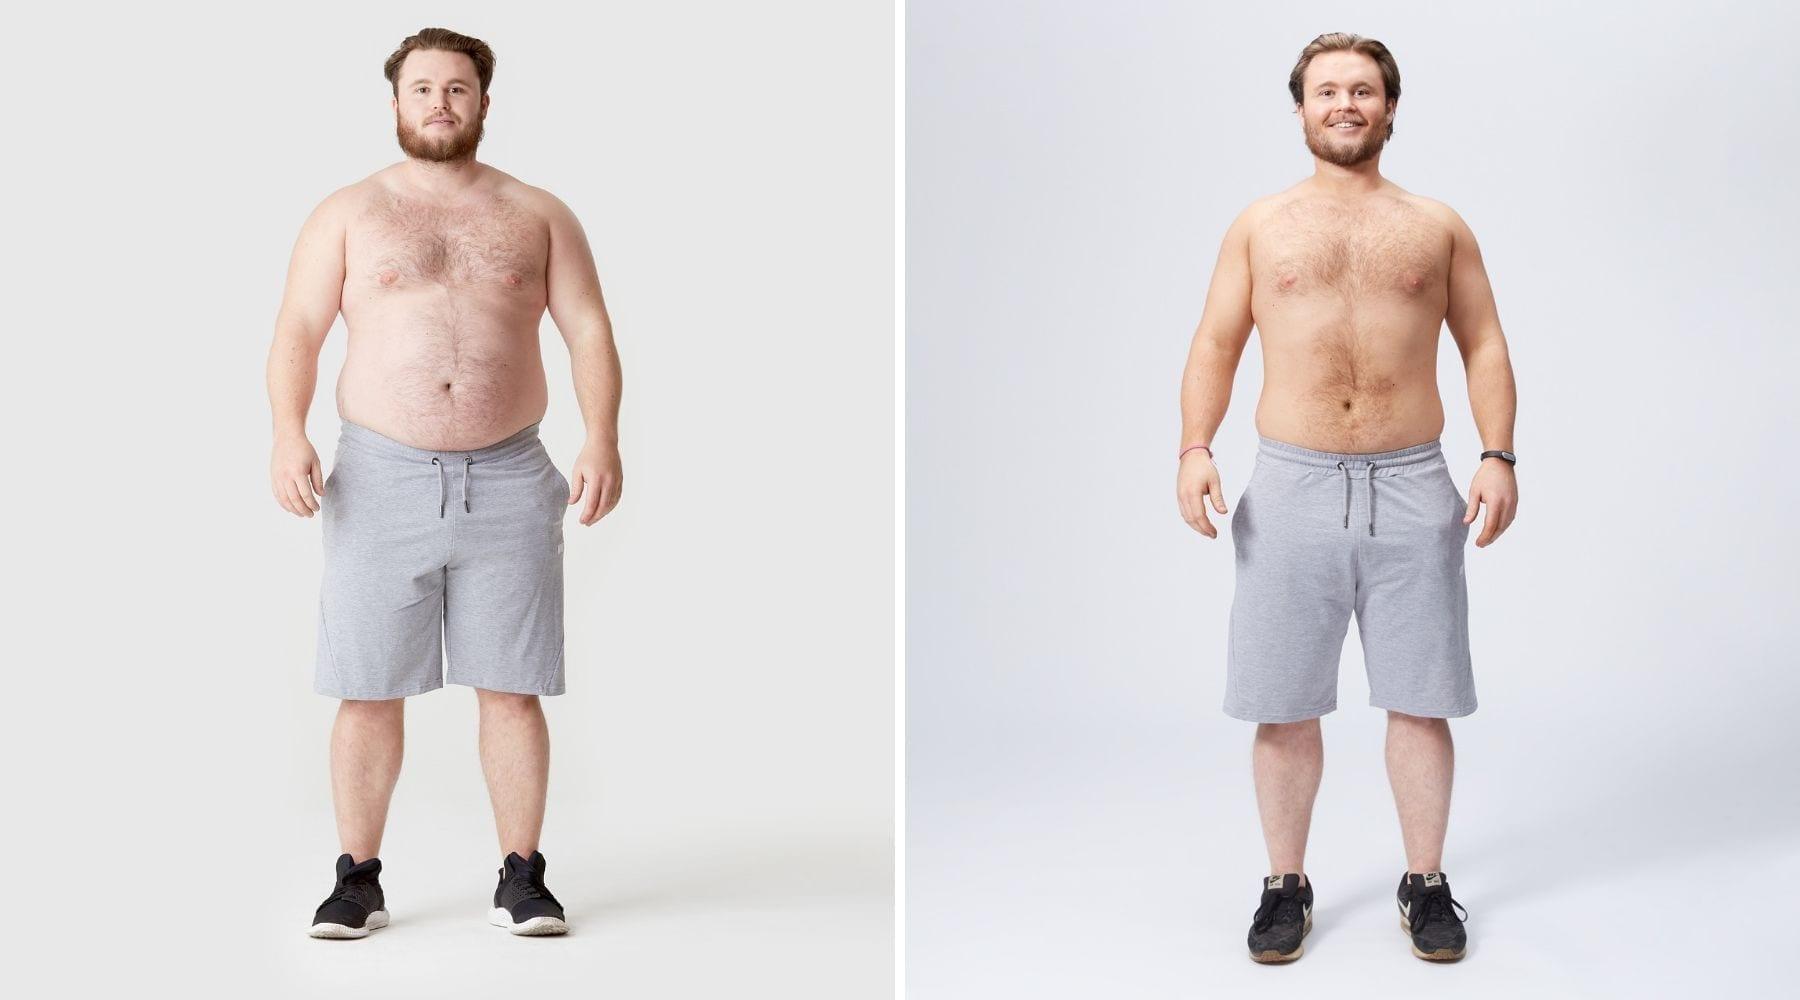 3 săptămâni arderea grăsimilor pierderea în greutate pentru persoanele care suferă de ibs